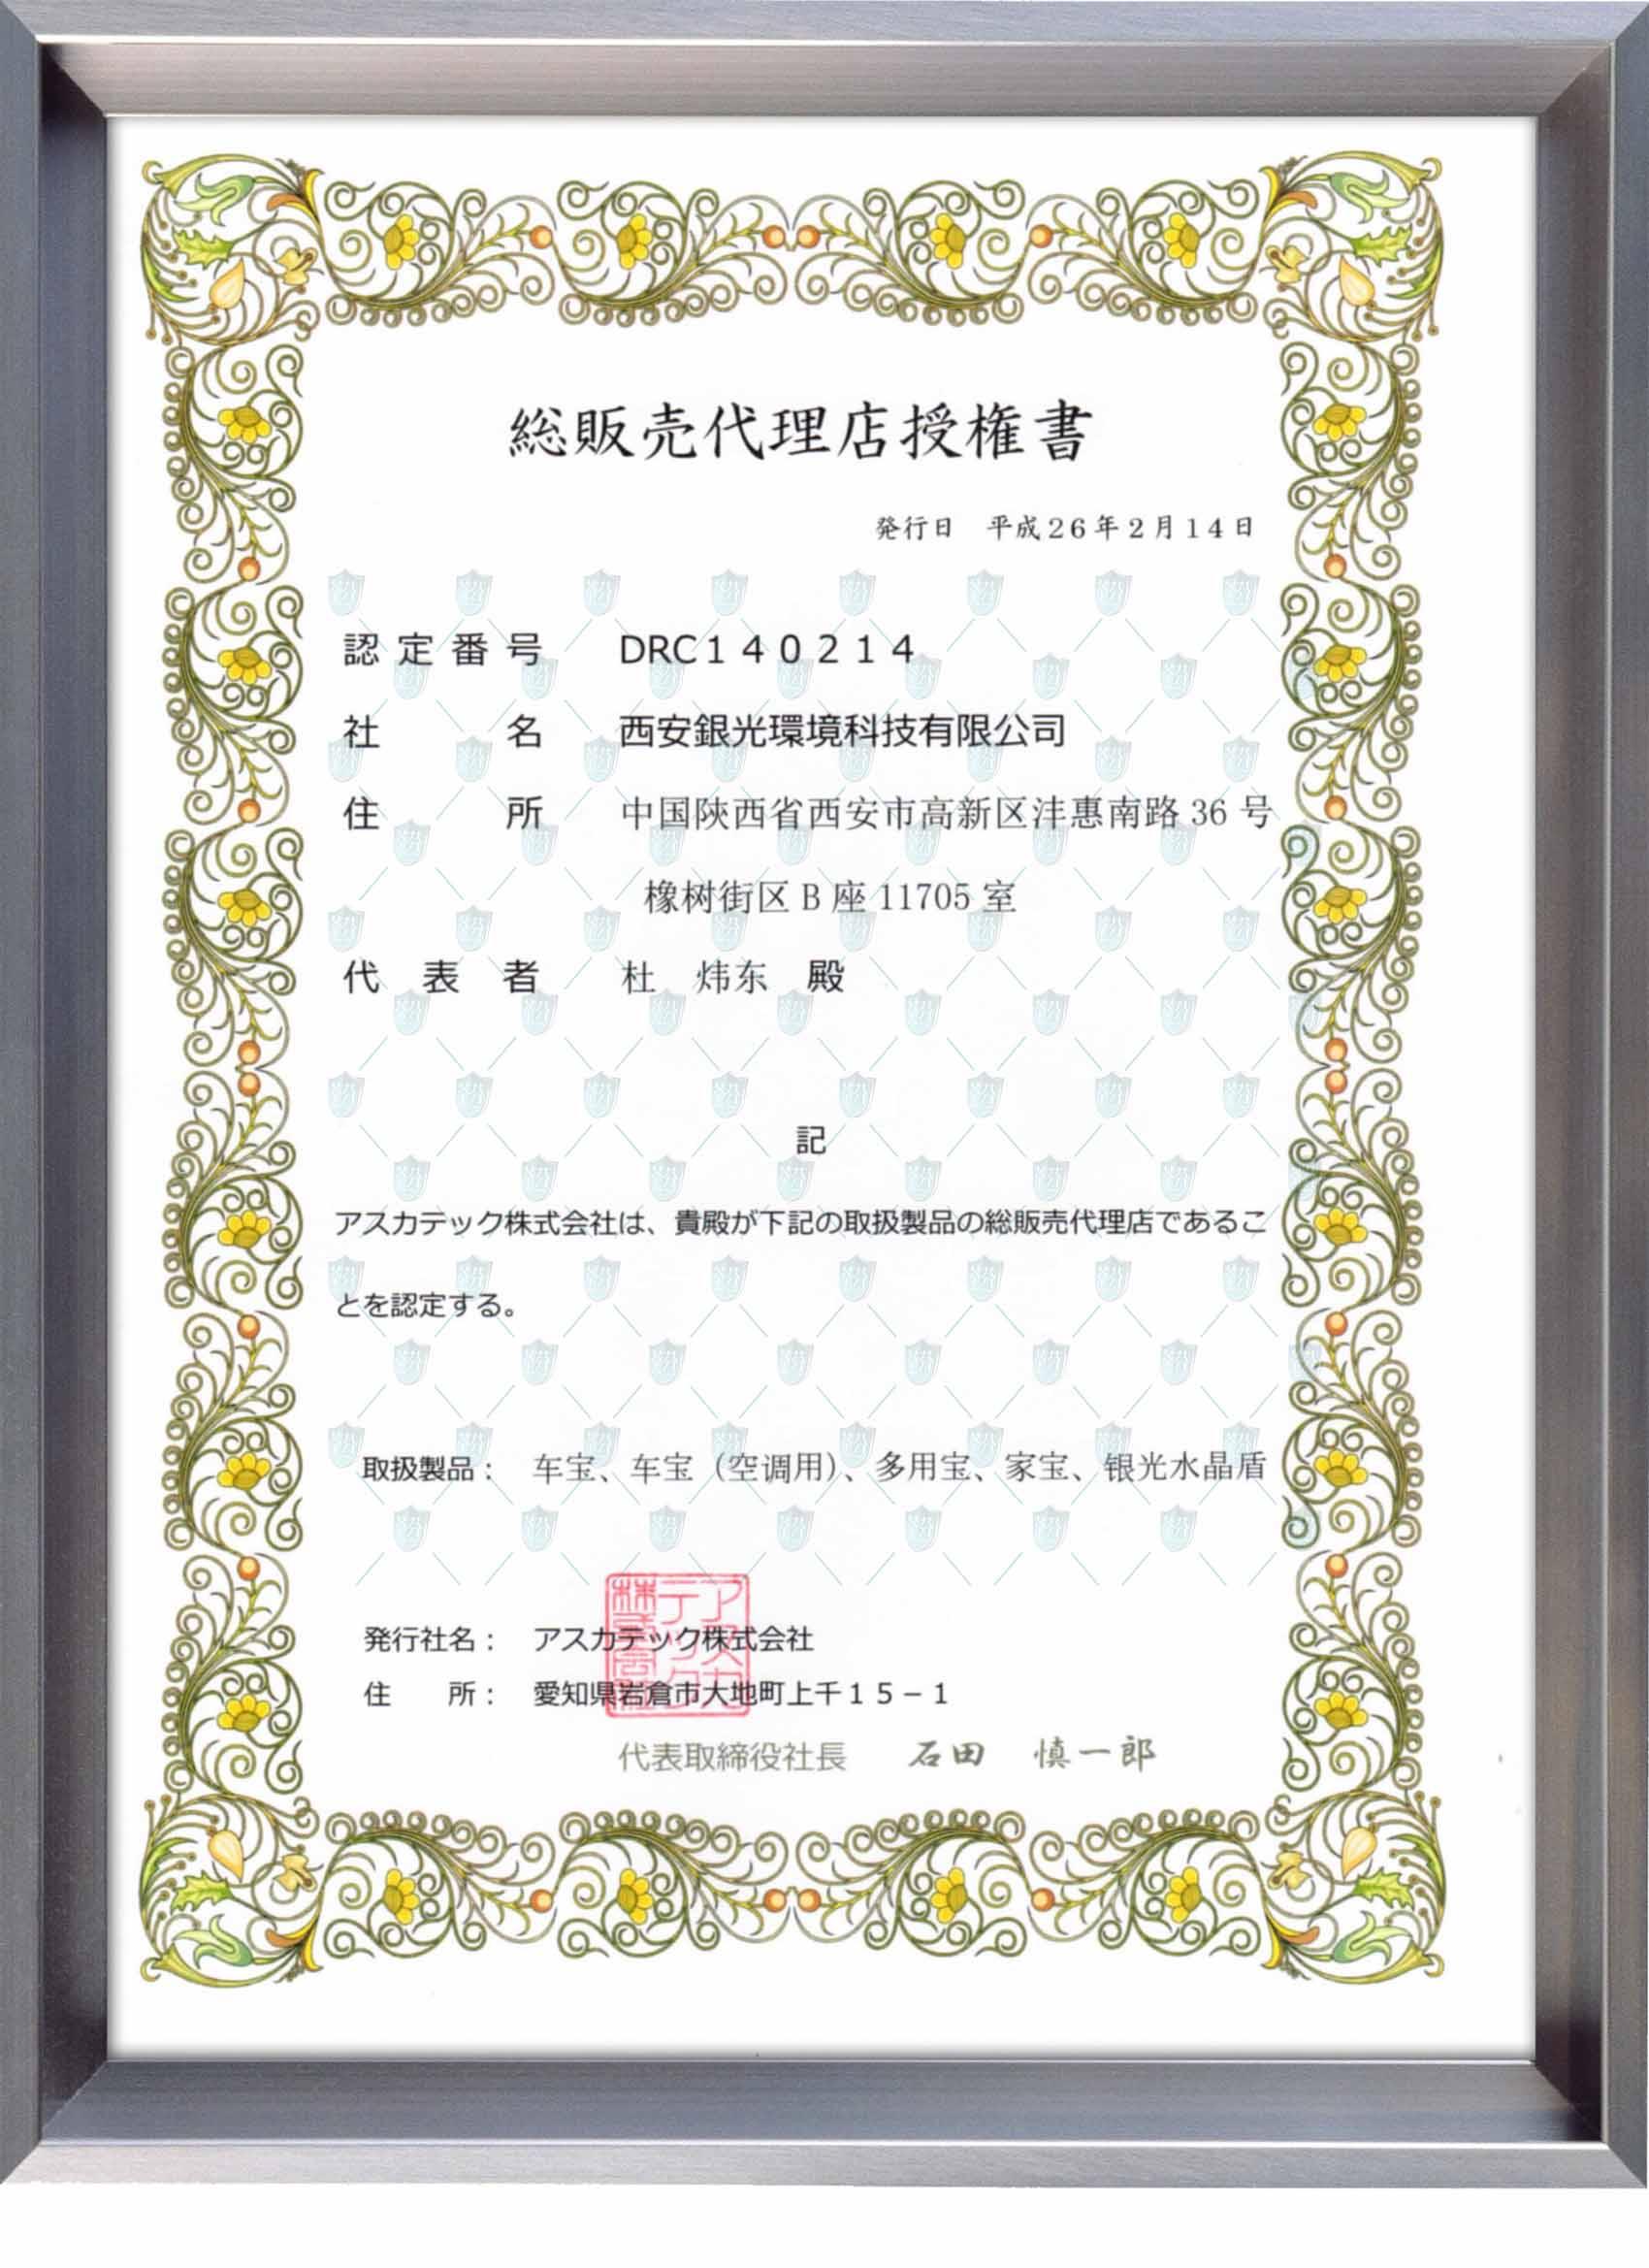 日本明日香科技株式会社授权书